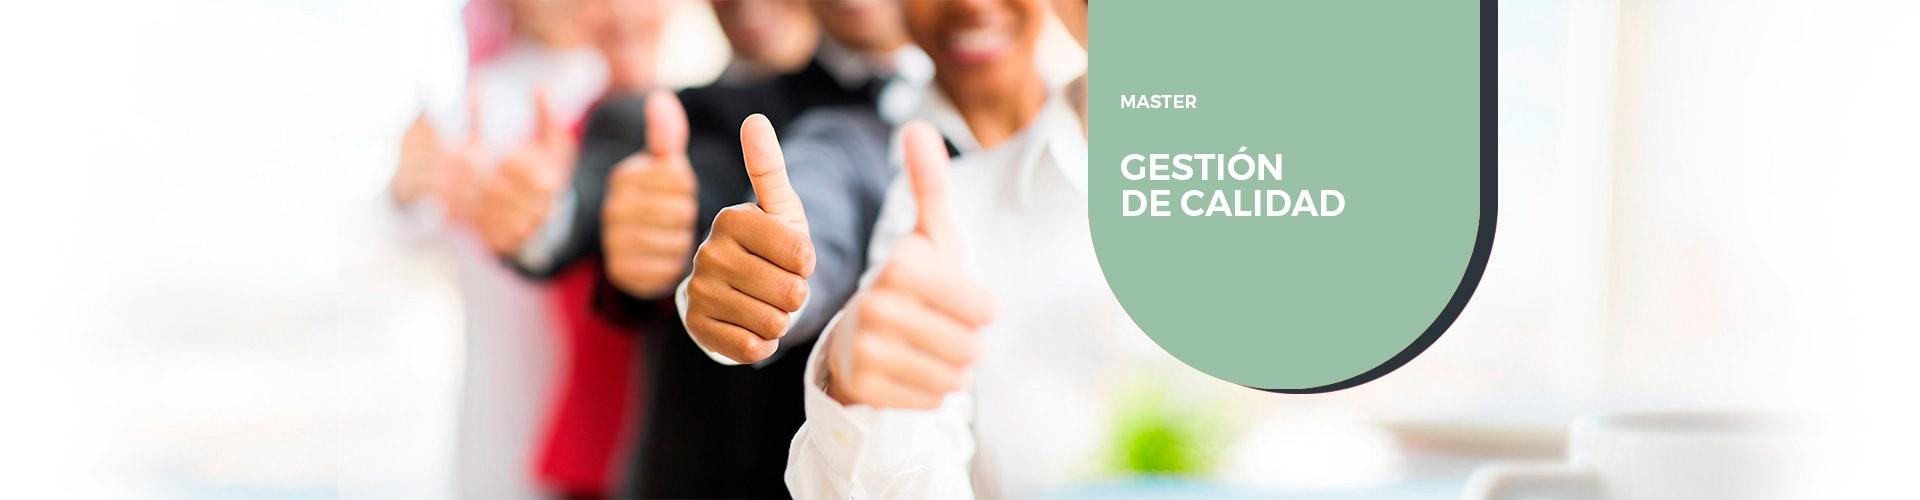 Este master en gestion de calidad te ofrece el dominio de herramientas de contabilidad analítica, como recurso principal de la toma de decisiones en la organización